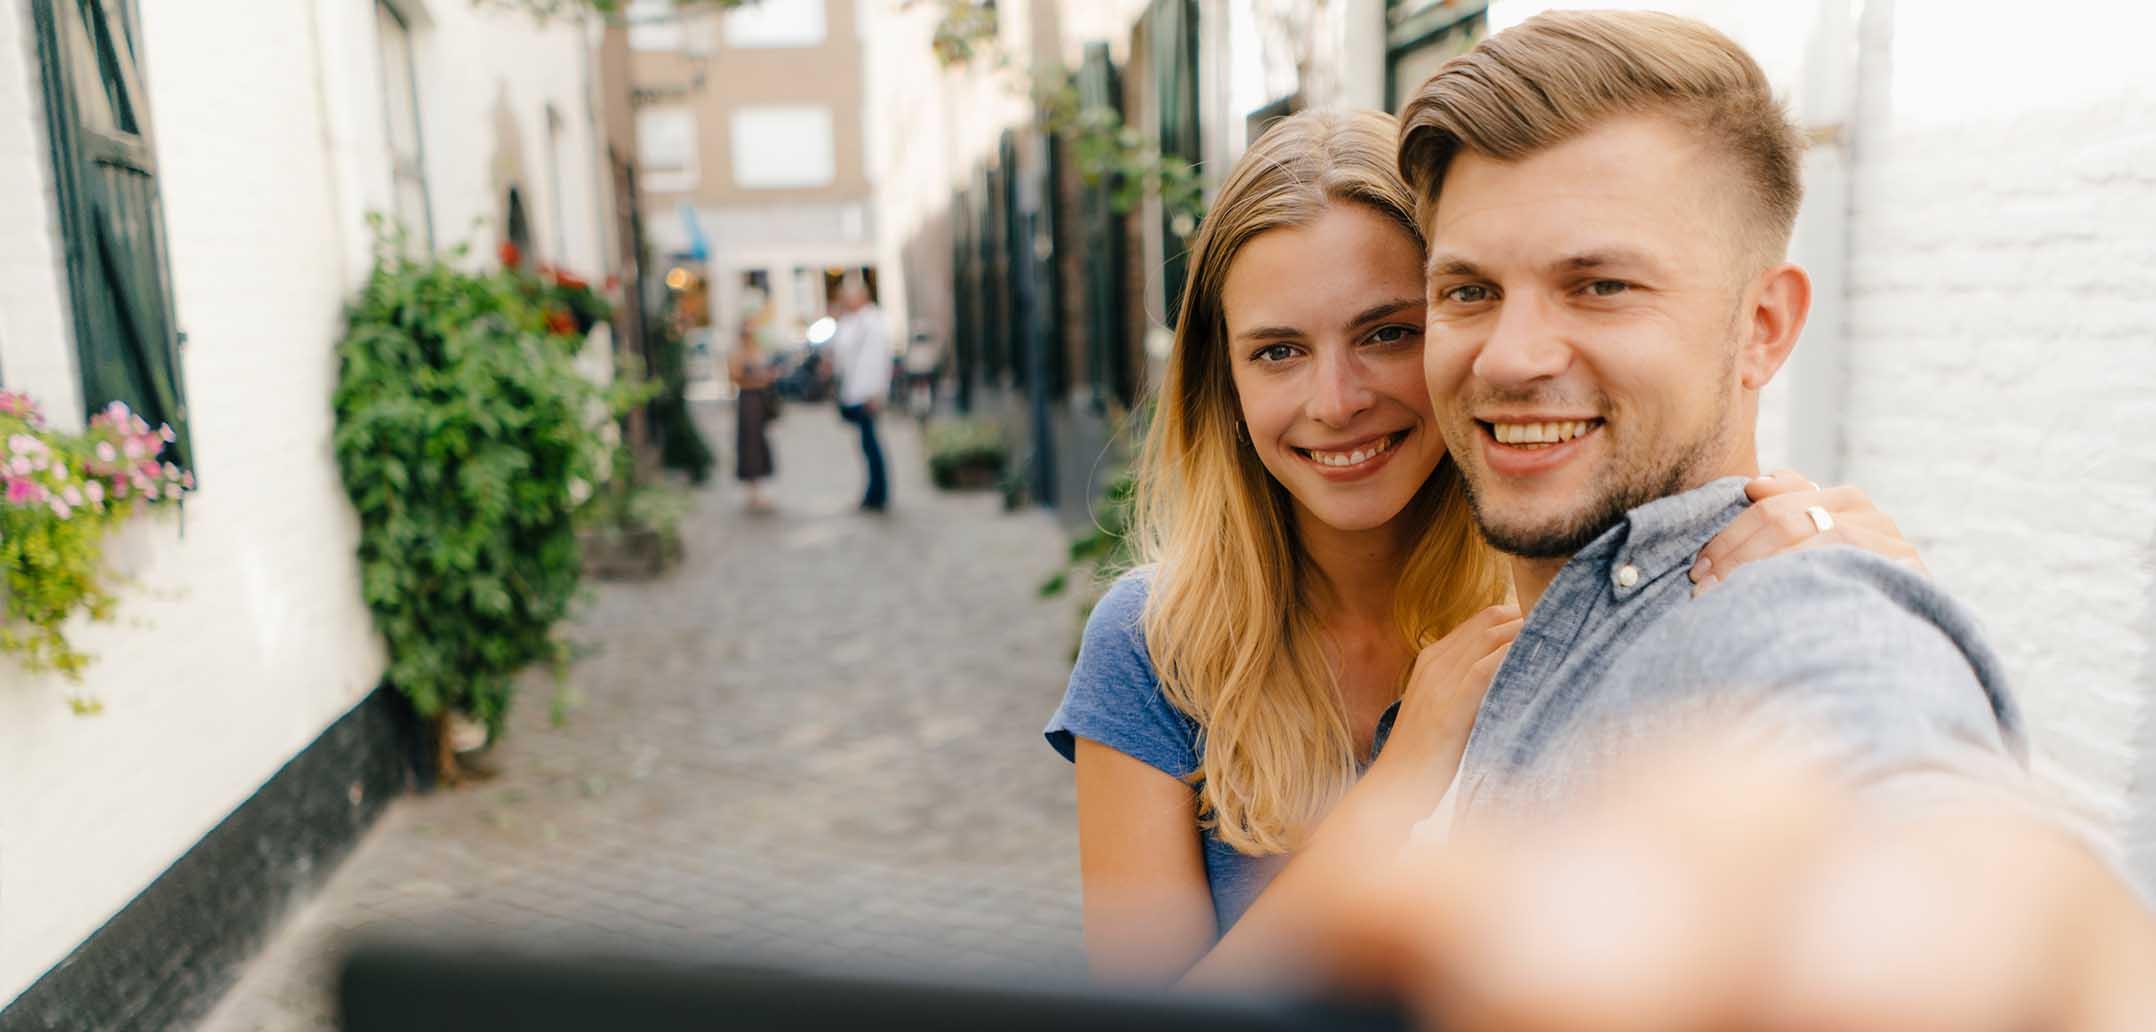 Pfeifen Sie auf die Sozialen Medien in Sachen Liebe